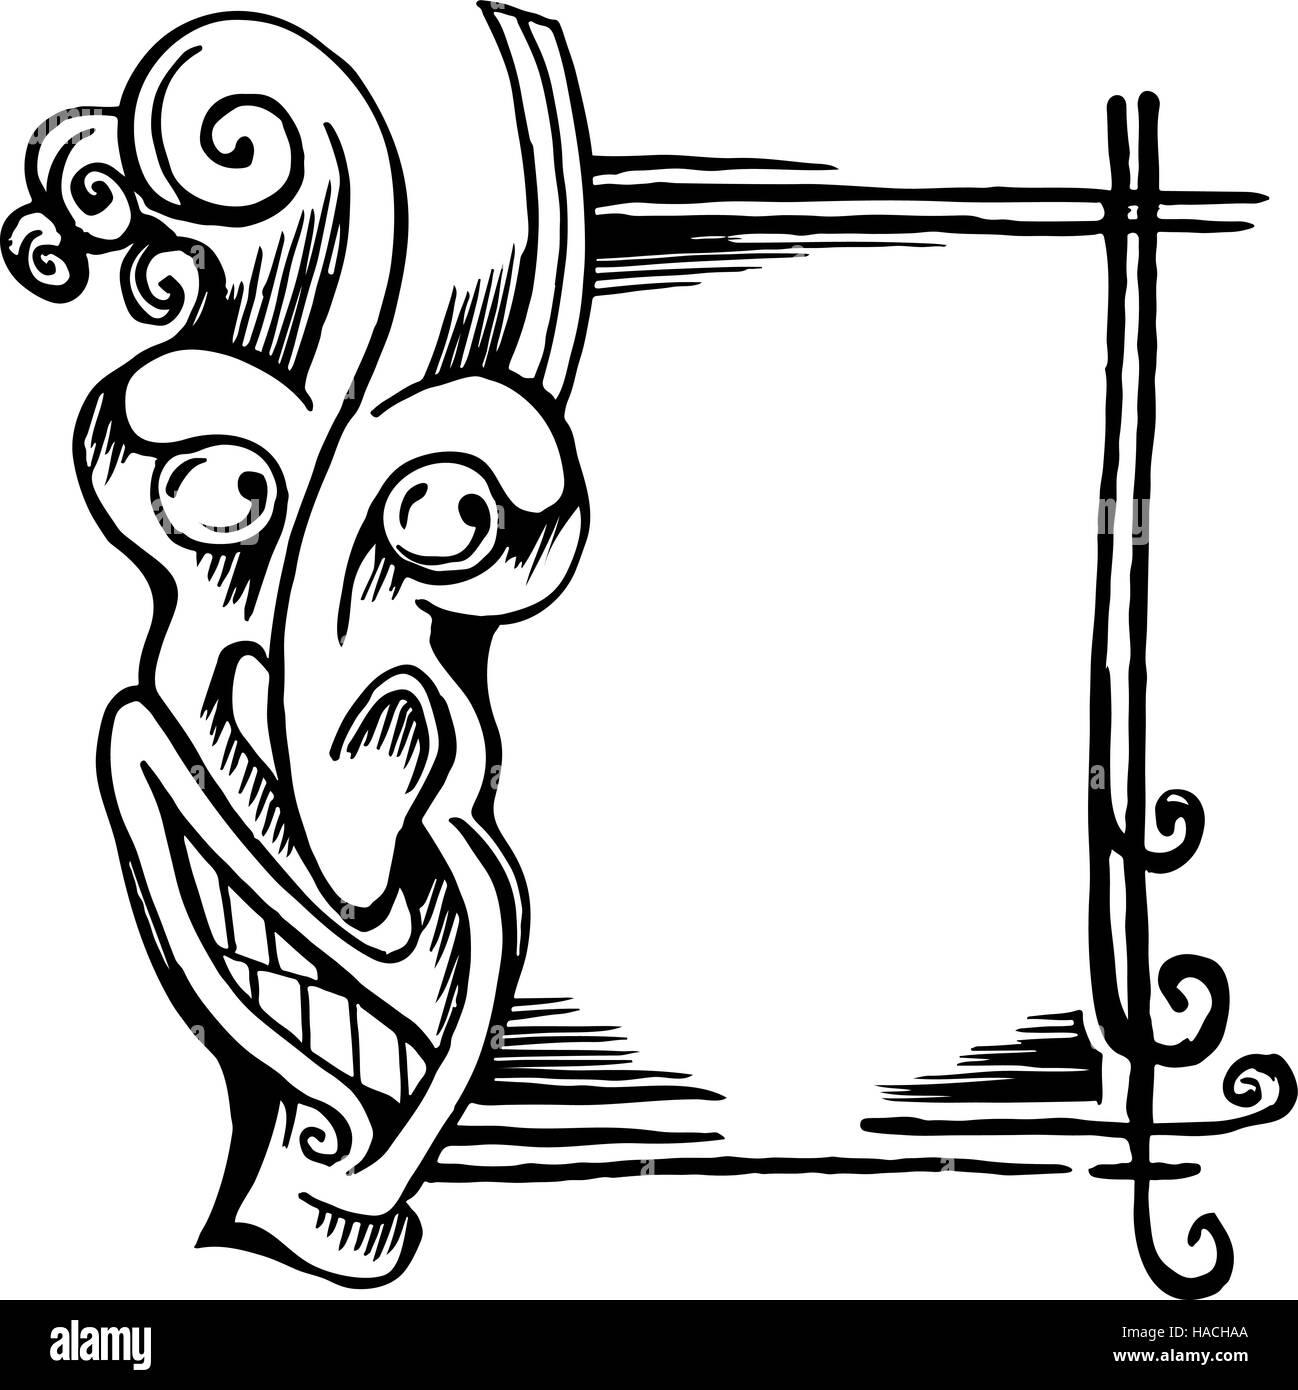 Skizze stilisiert Dämon Kopf, Gesicht und Rahmen Vektor Abbildung ...